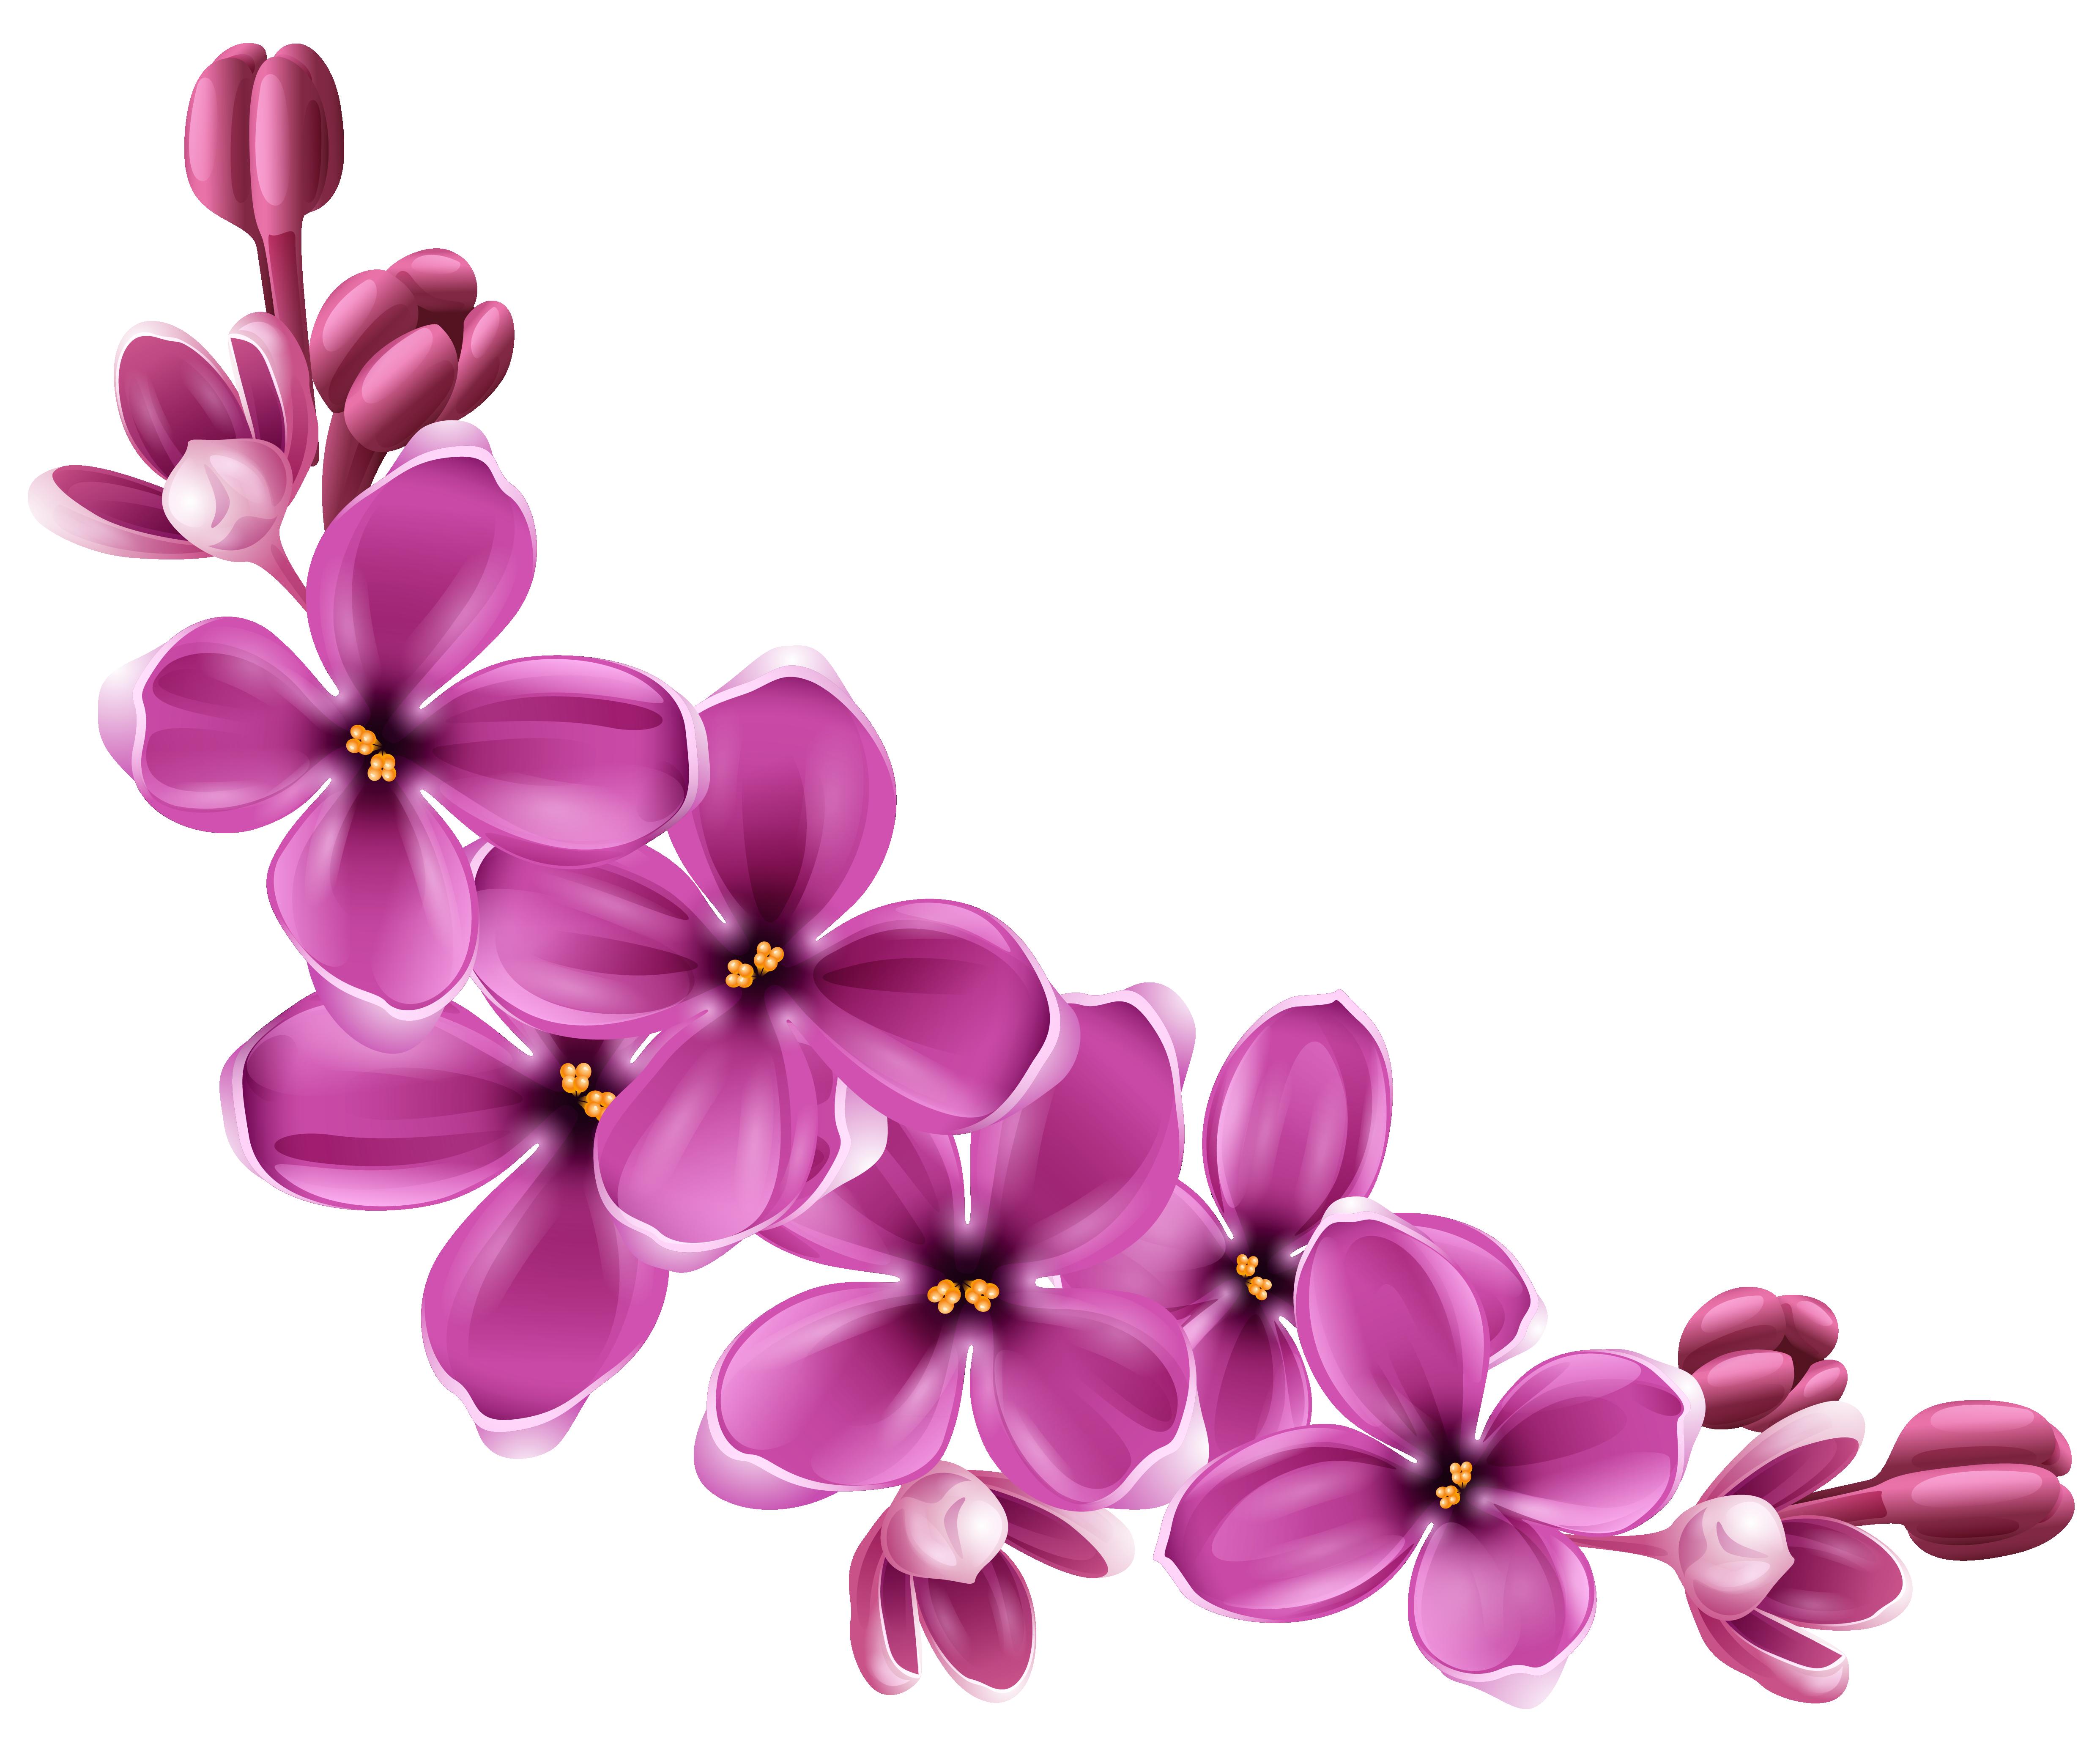 Гугл картинки цветы пнг, пришло лето открытка